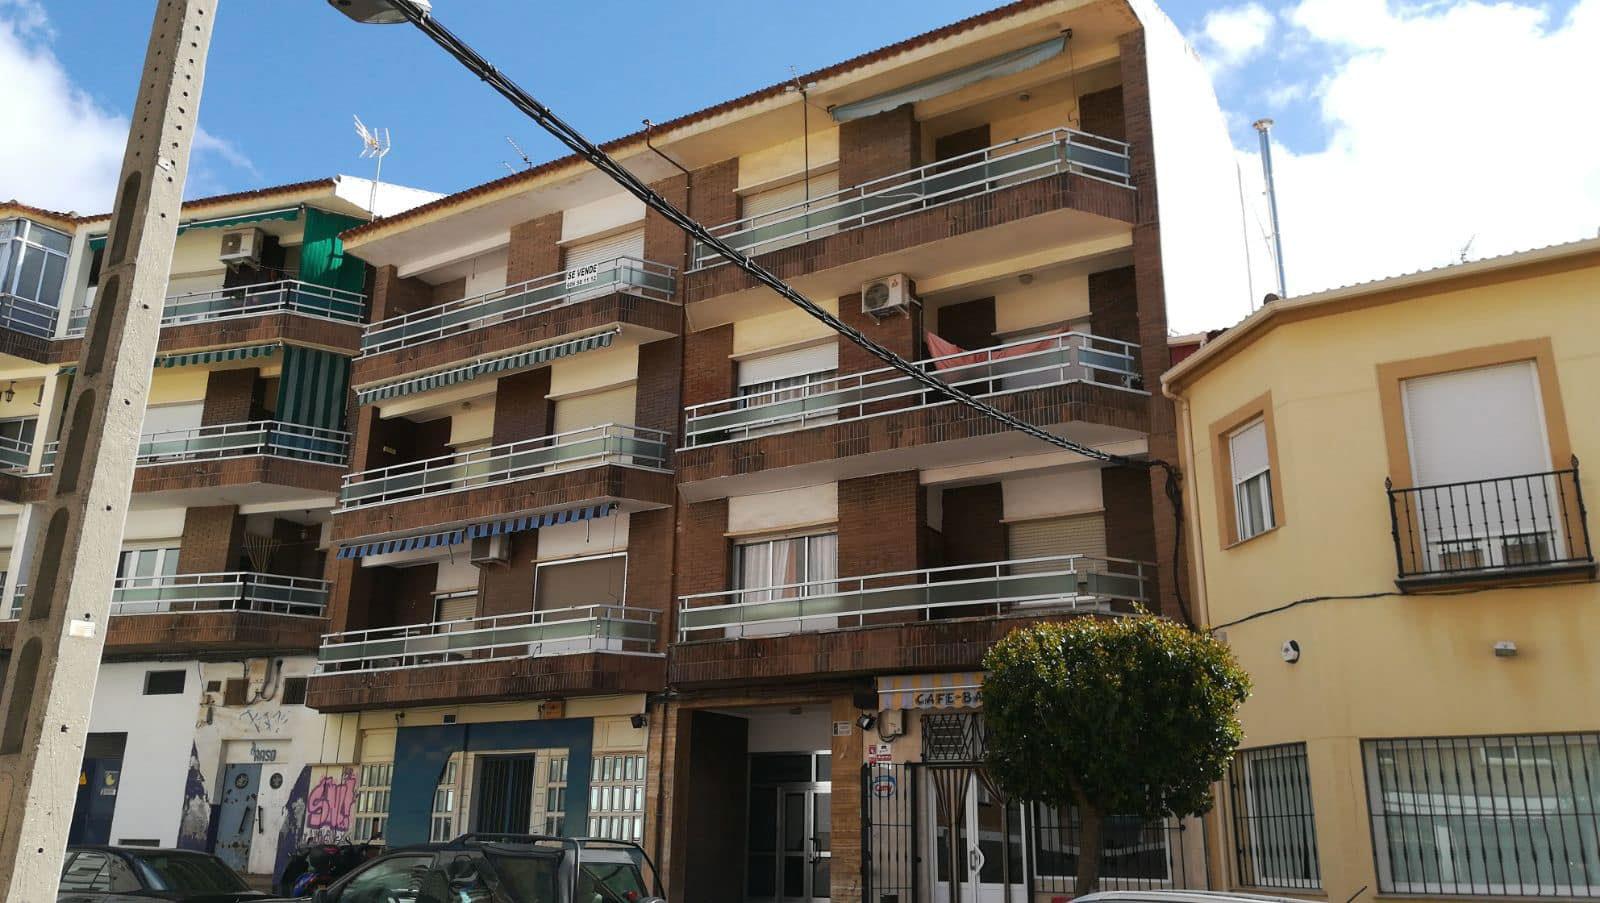 Piso en venta en Campo de Criptana, Ciudad Real, Calle Republica Argentina, 44.000 €, 4 habitaciones, 1 baño, 117 m2